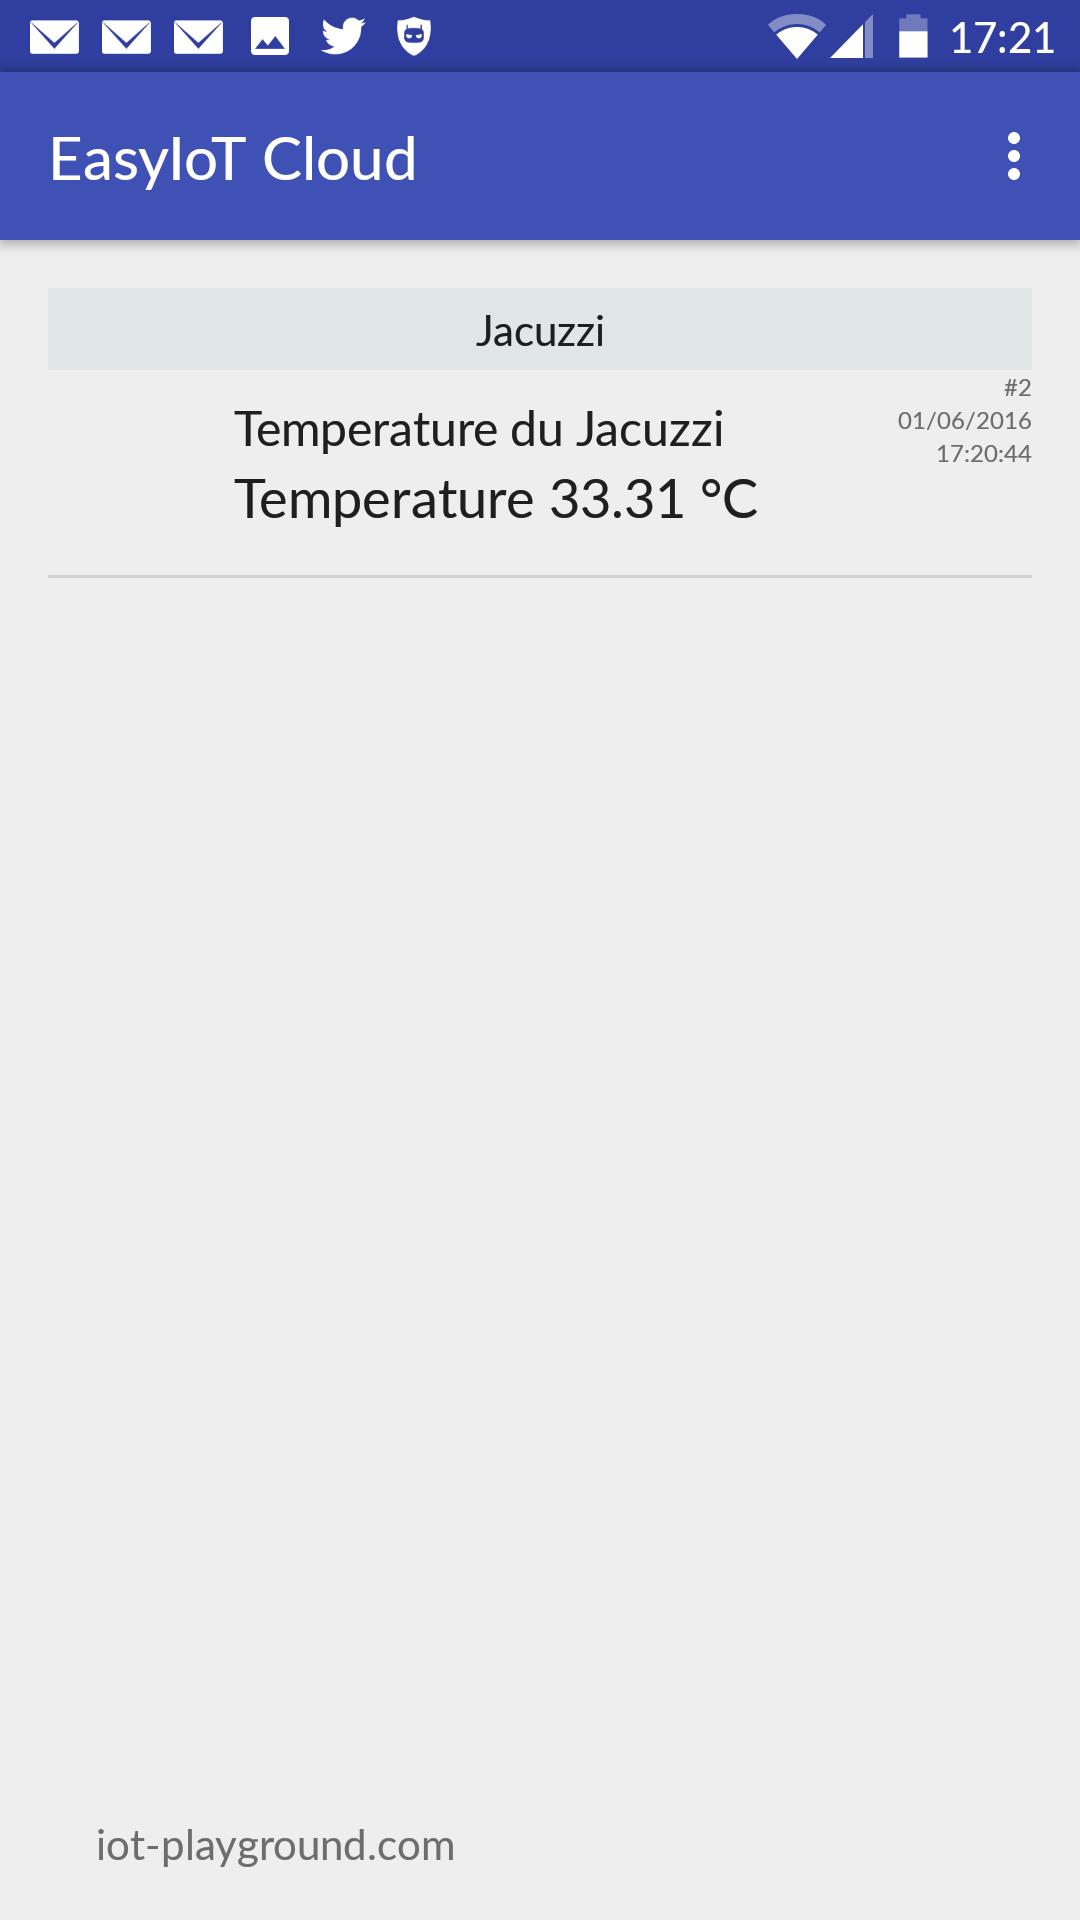 Thermomètre Wifi Pour Piscine (Ou Autres) - Domotique ... serapportantà Thermometre Piscine Connecté